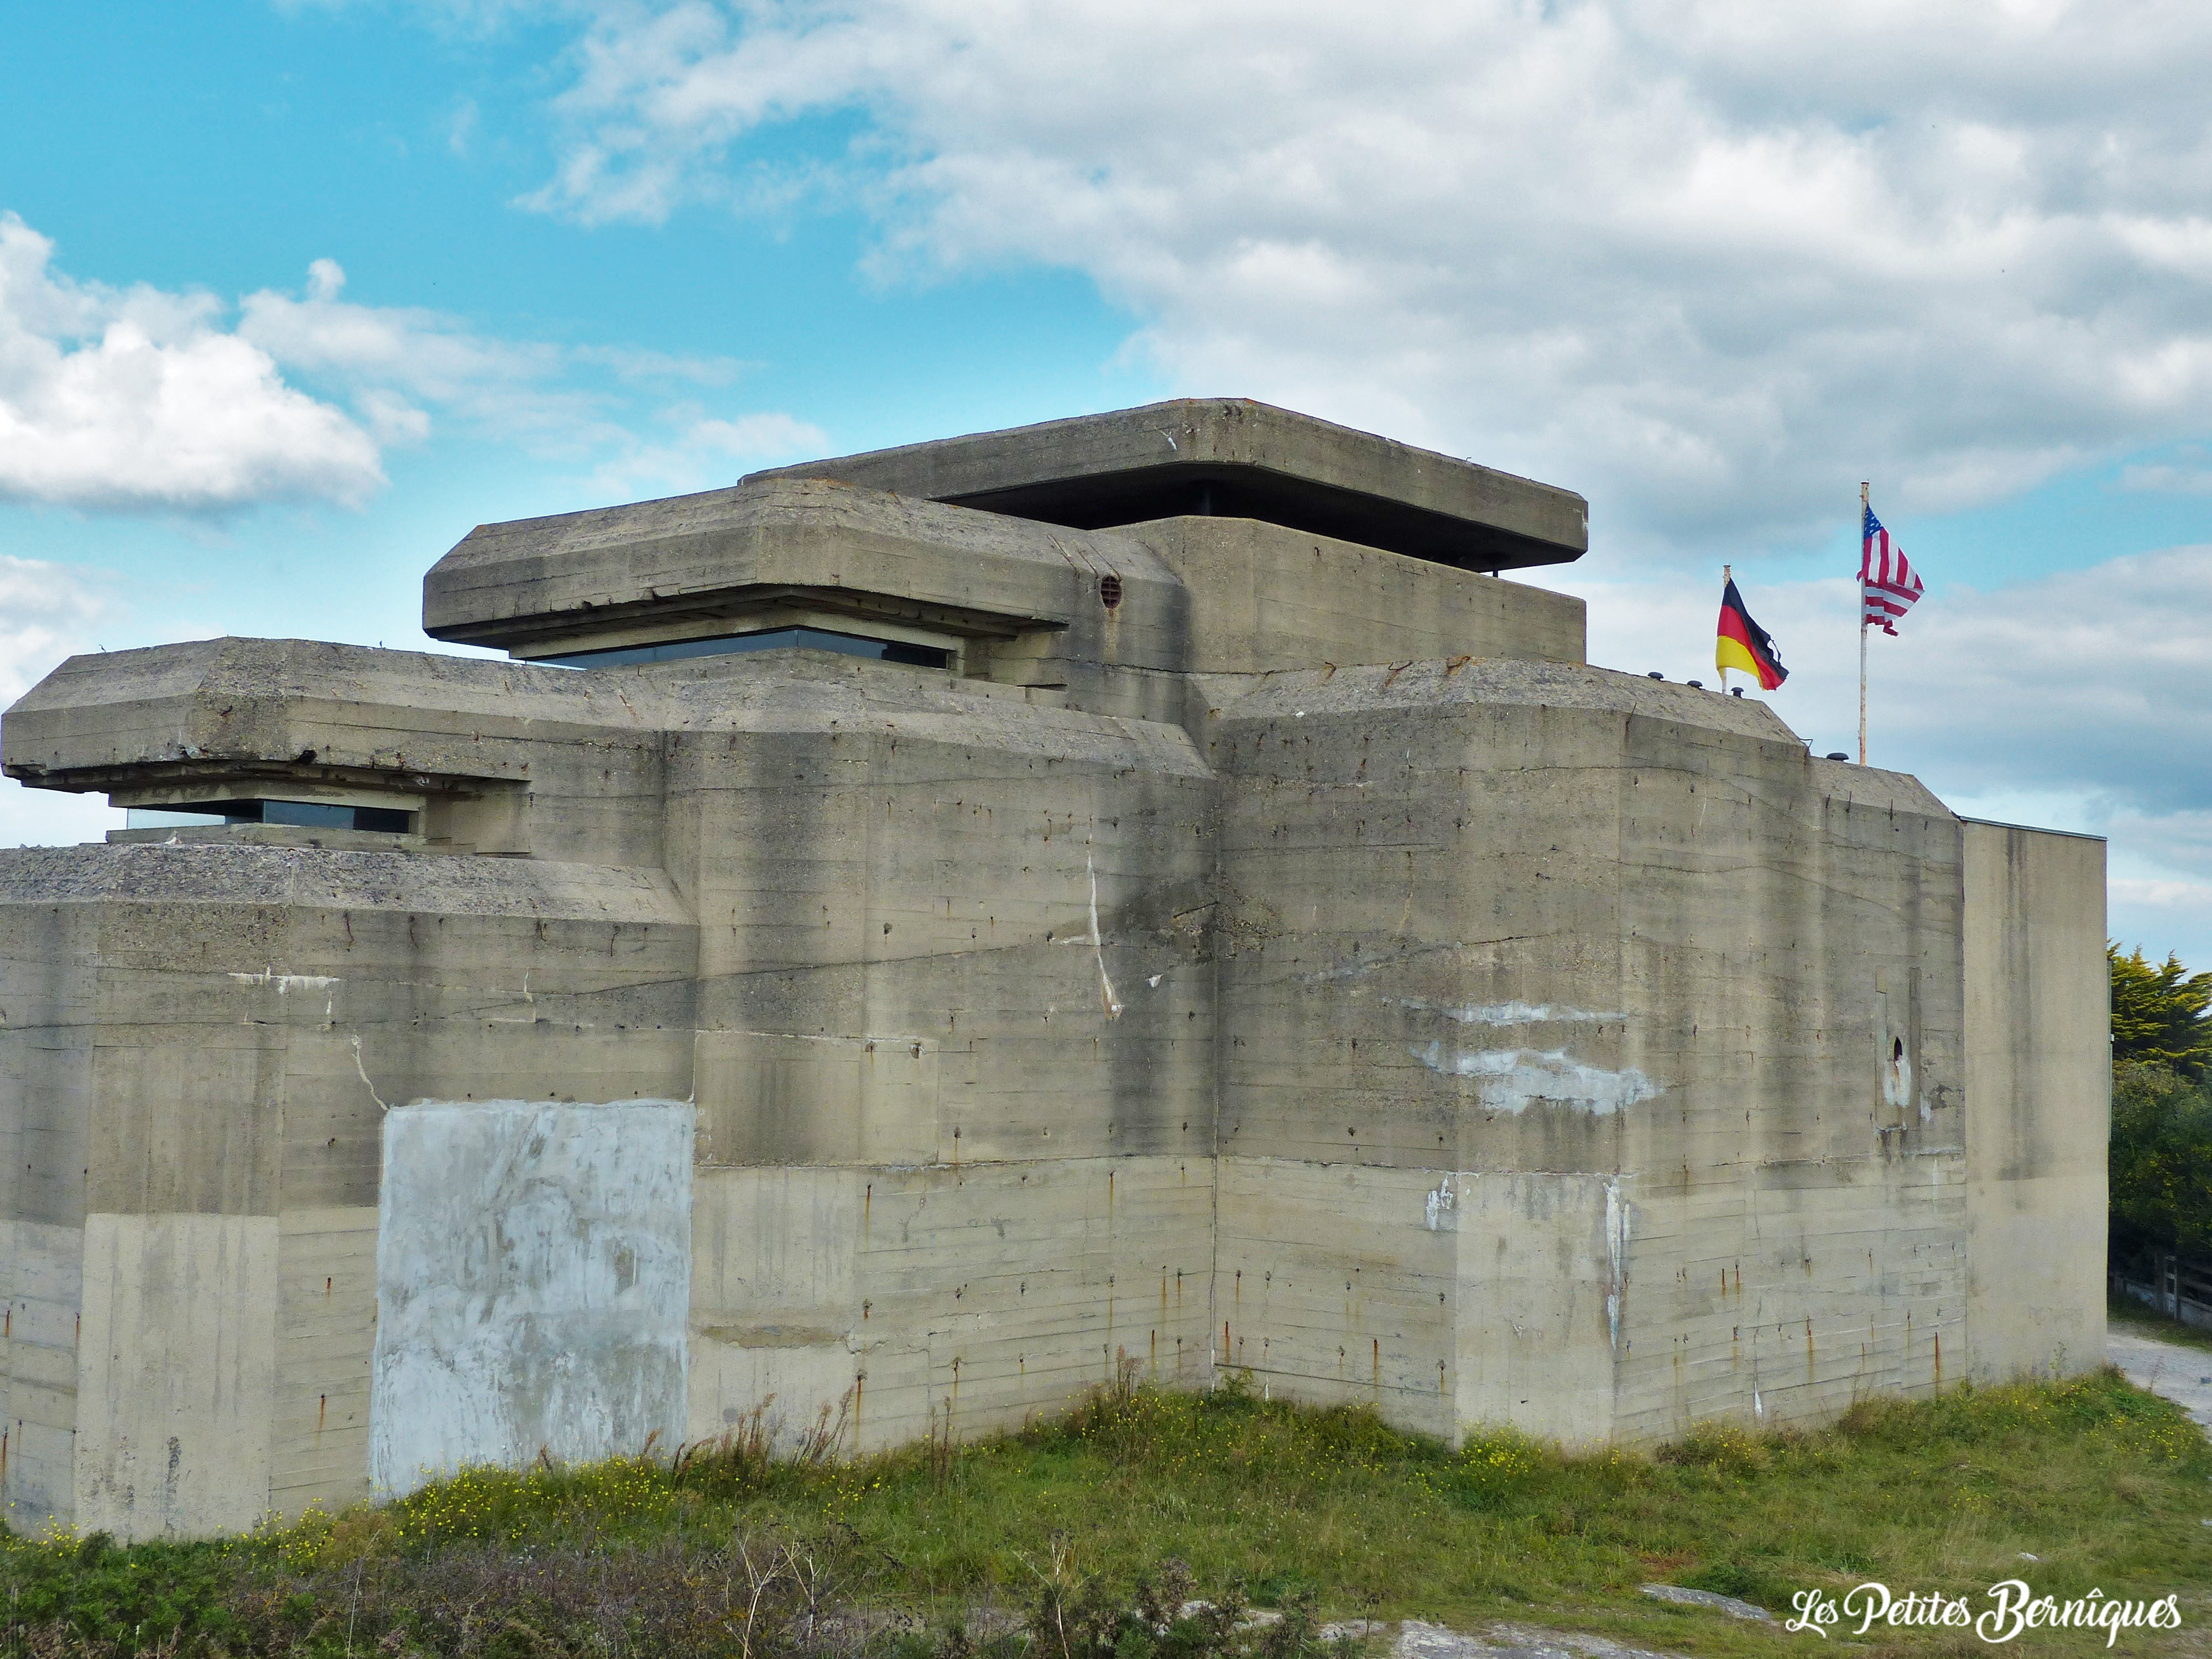 Le Grand Blockhaus Batz-sur-mer